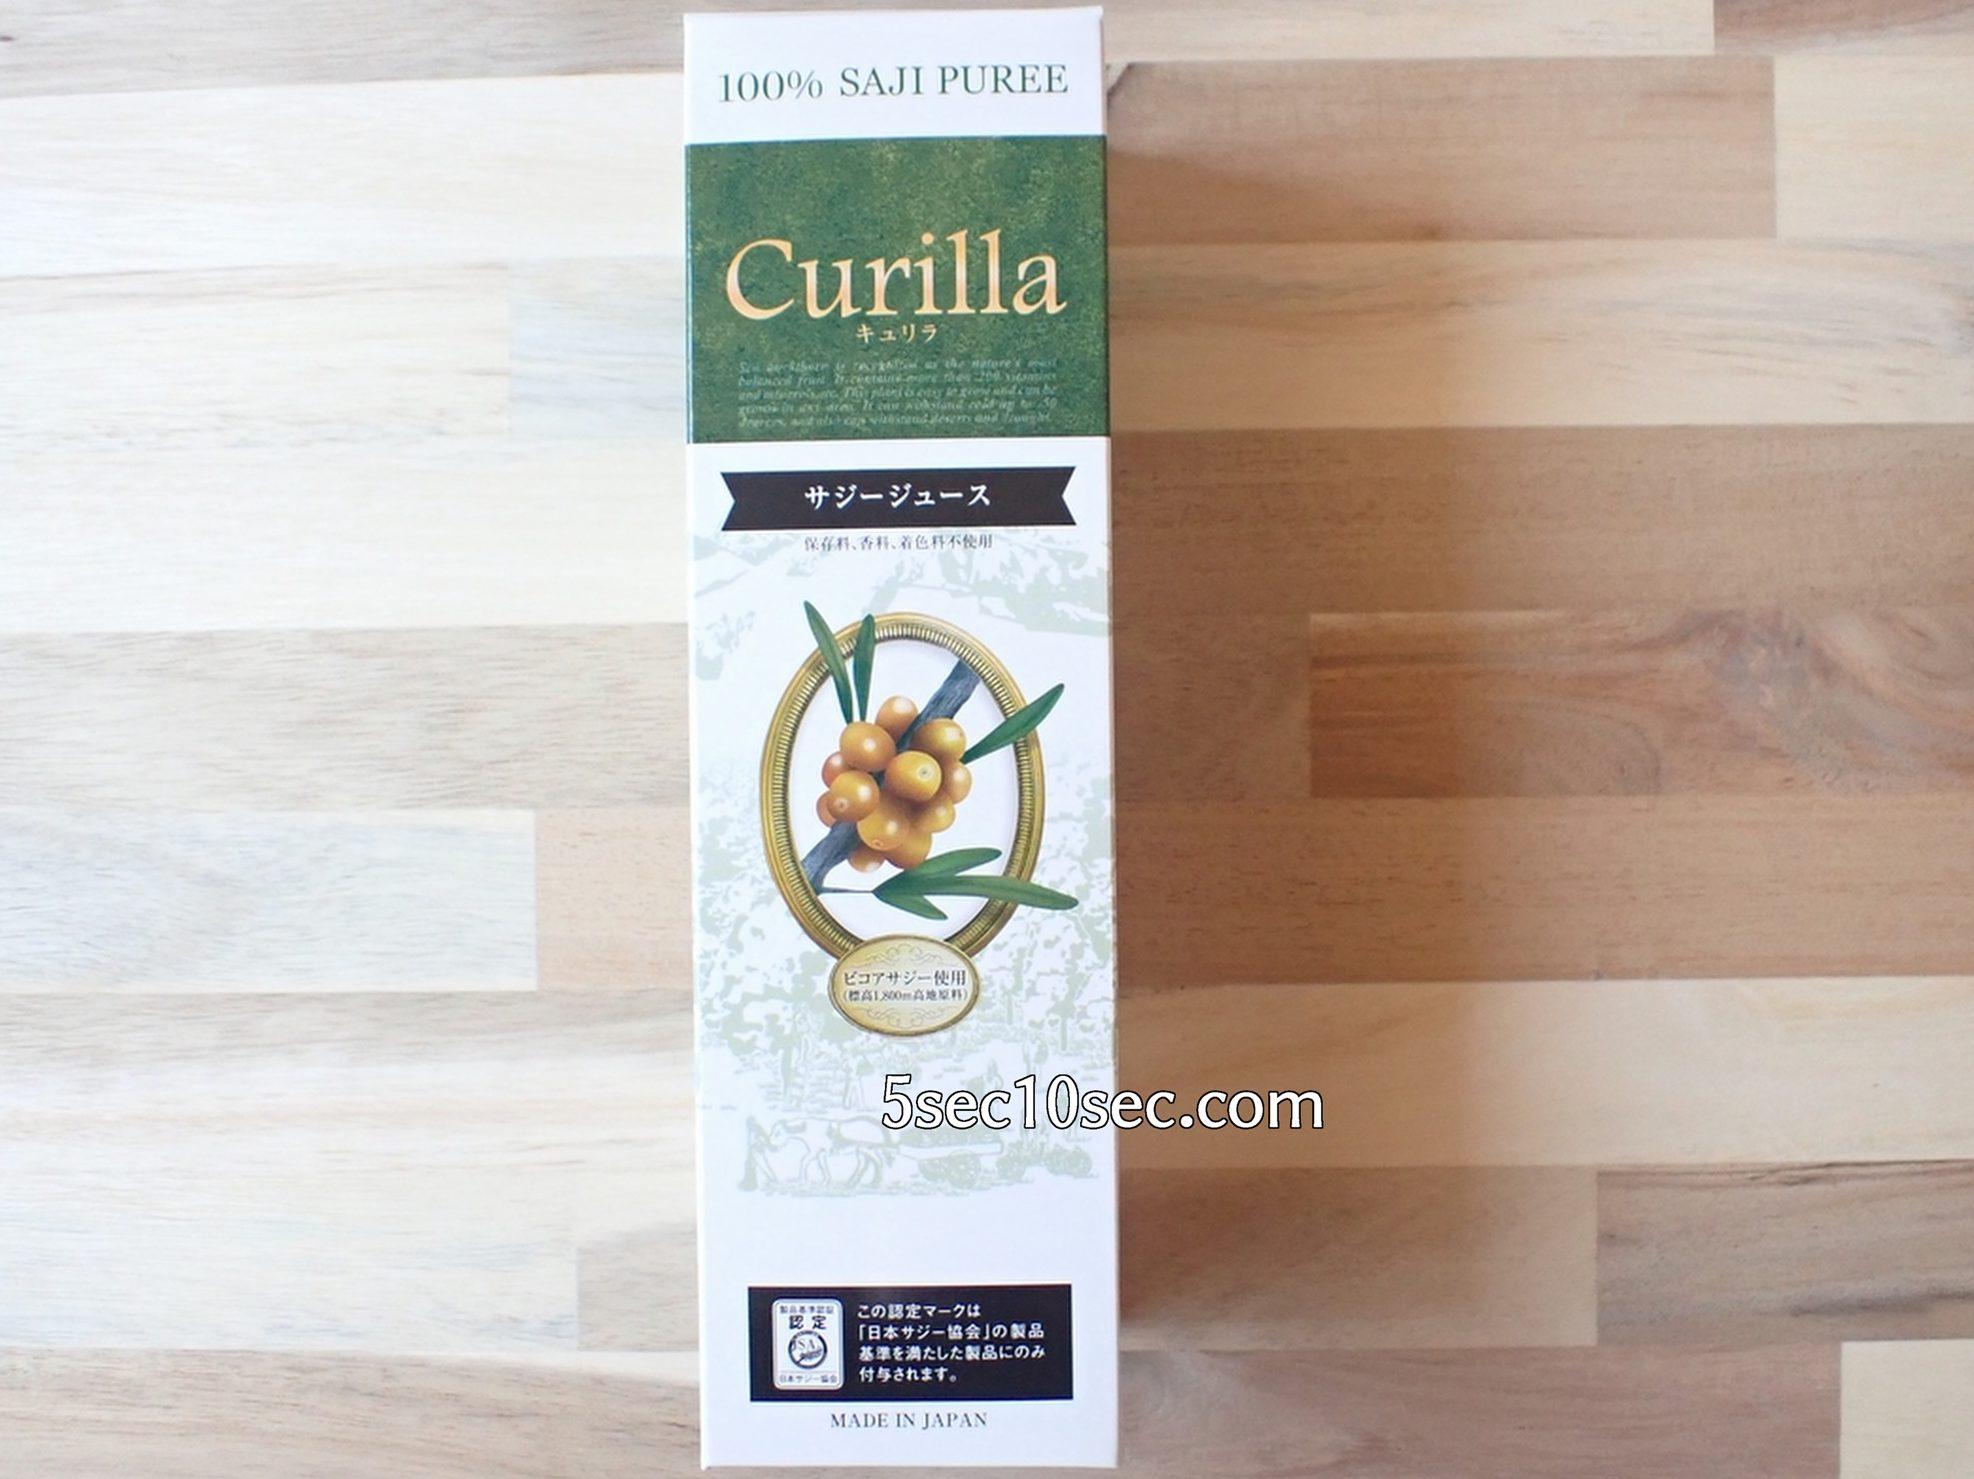 Curilla キュリラ 有機JAS認定 オーガニックサジージュース パッケージ写真